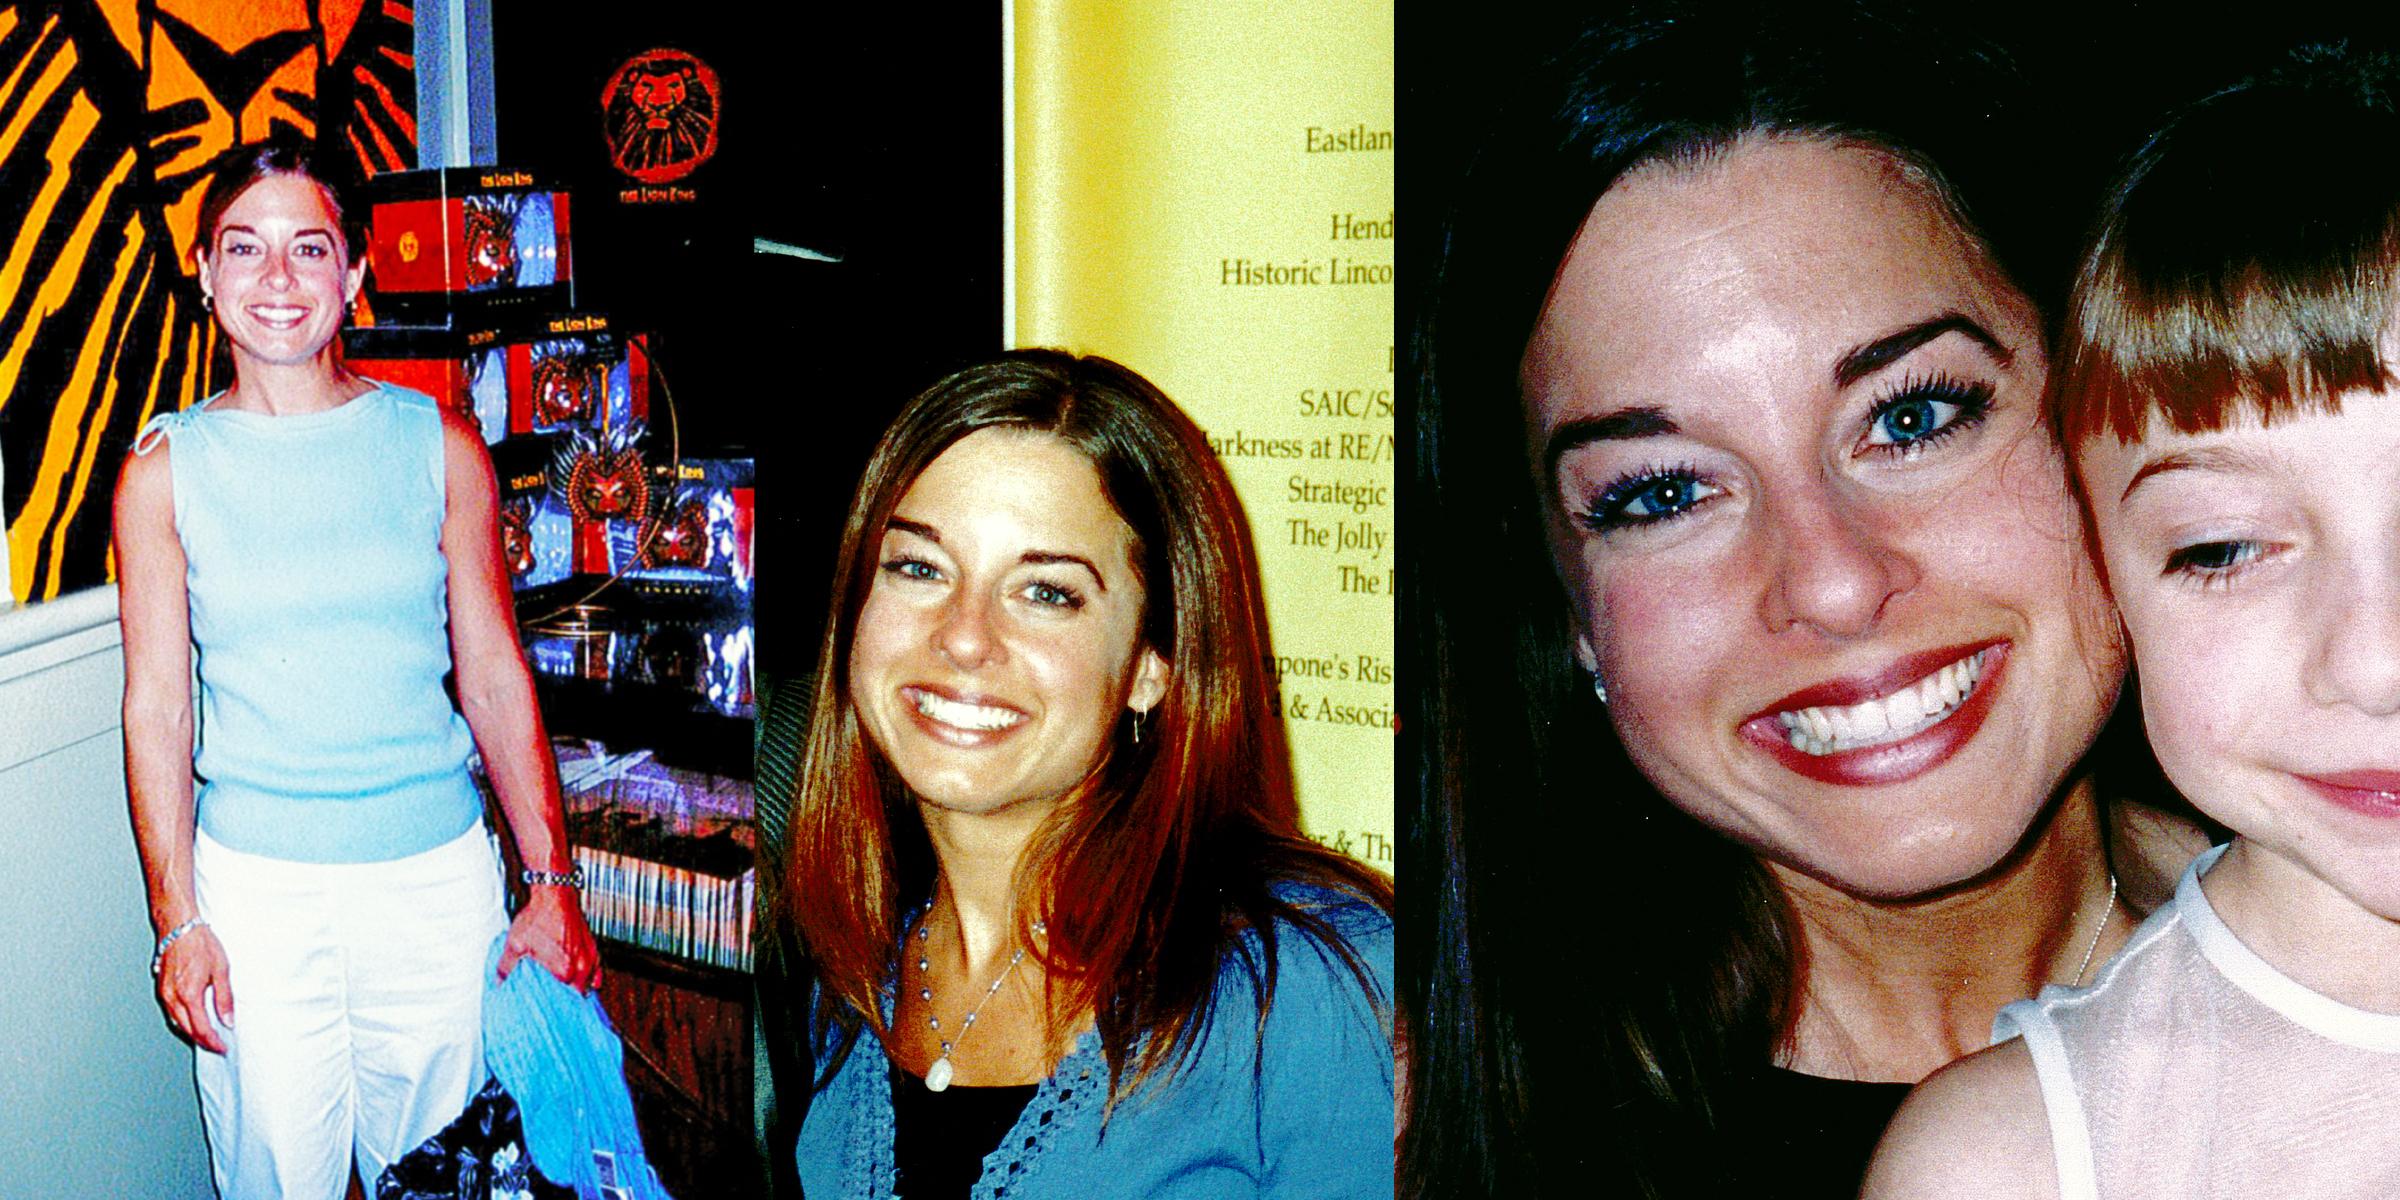 Heidi White Header Collage.jpg